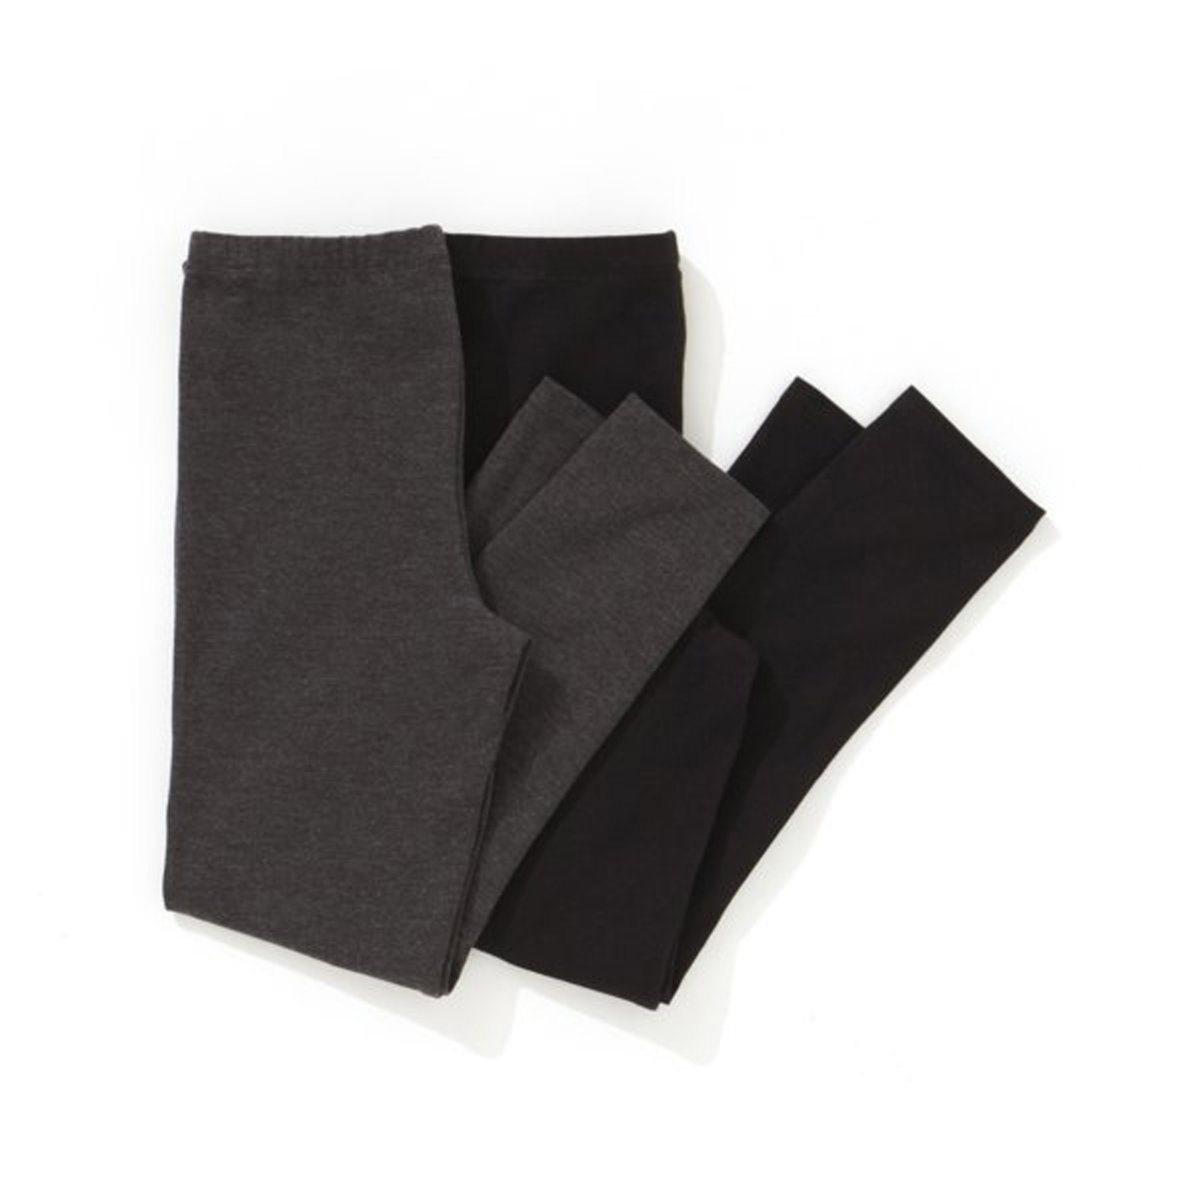 R-Edition-Bambina-Confezione-Di-Fuseaux-Bambina-Leggings-In-Cotone